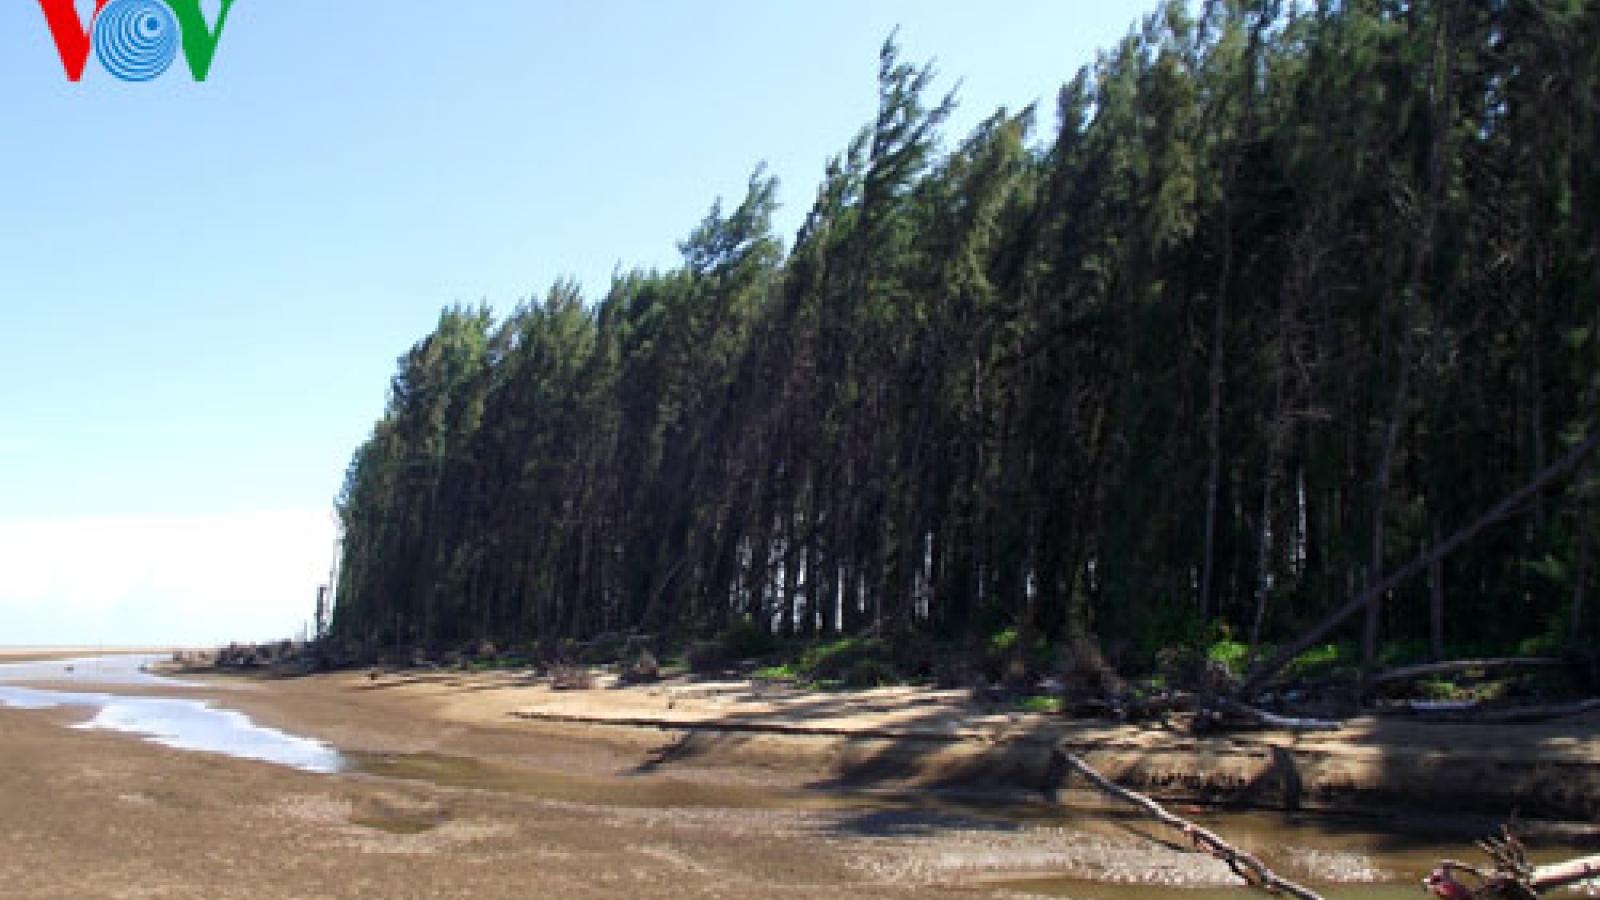 Phê duyệt đề án Bảo vệ và phát triển rừng vùng ven biển nhằm ứng phó với biến đổi khí hậu